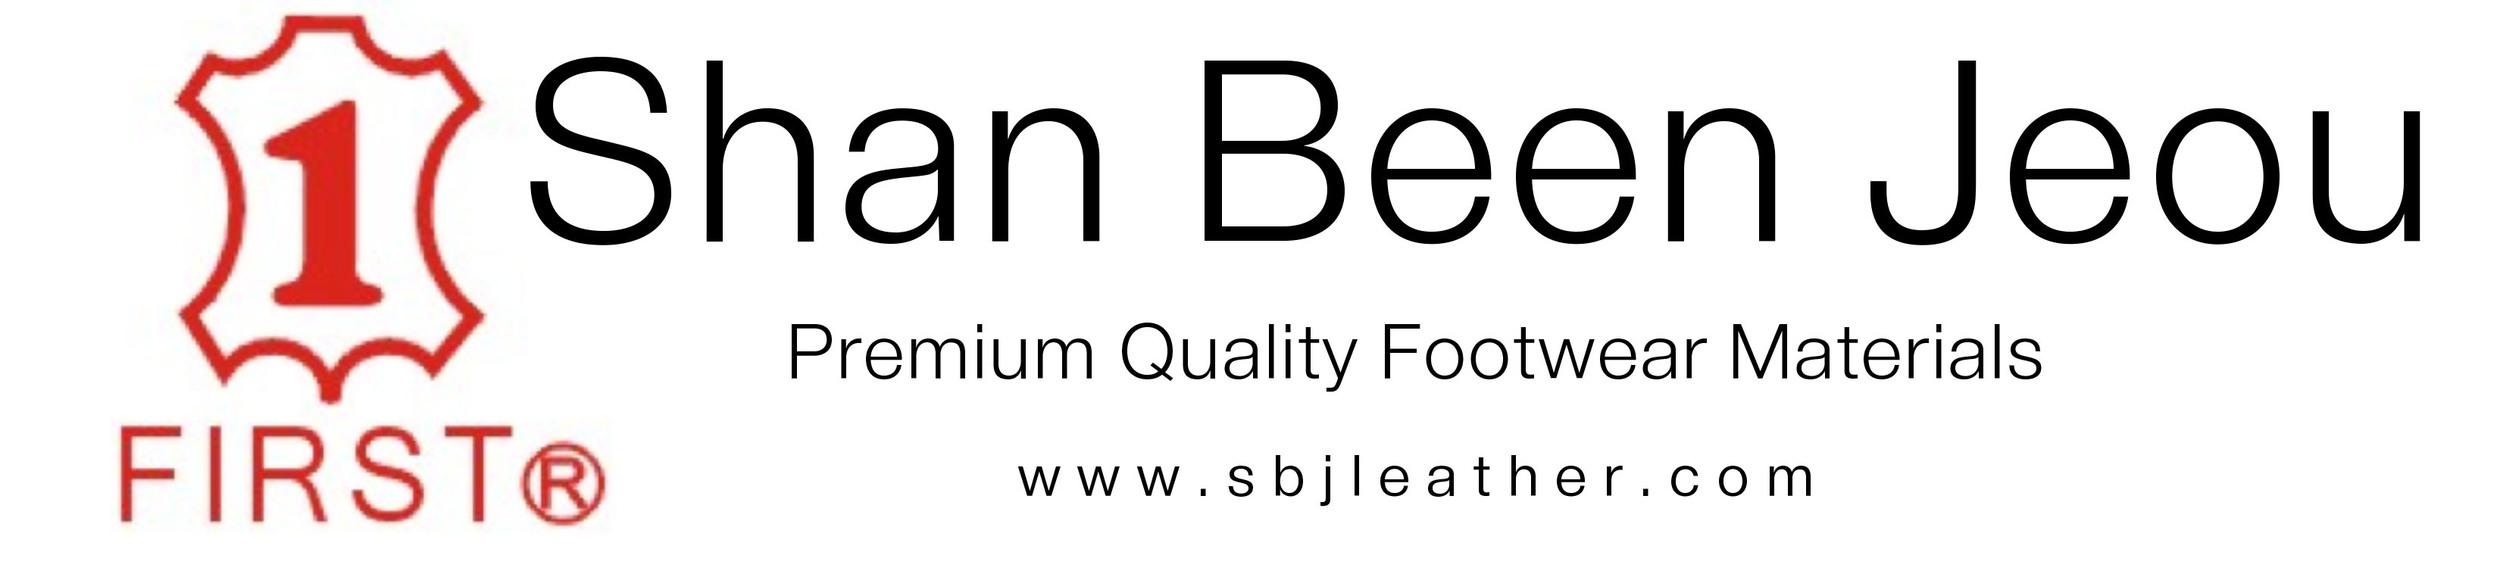 SBJ Header - PDF.jpg